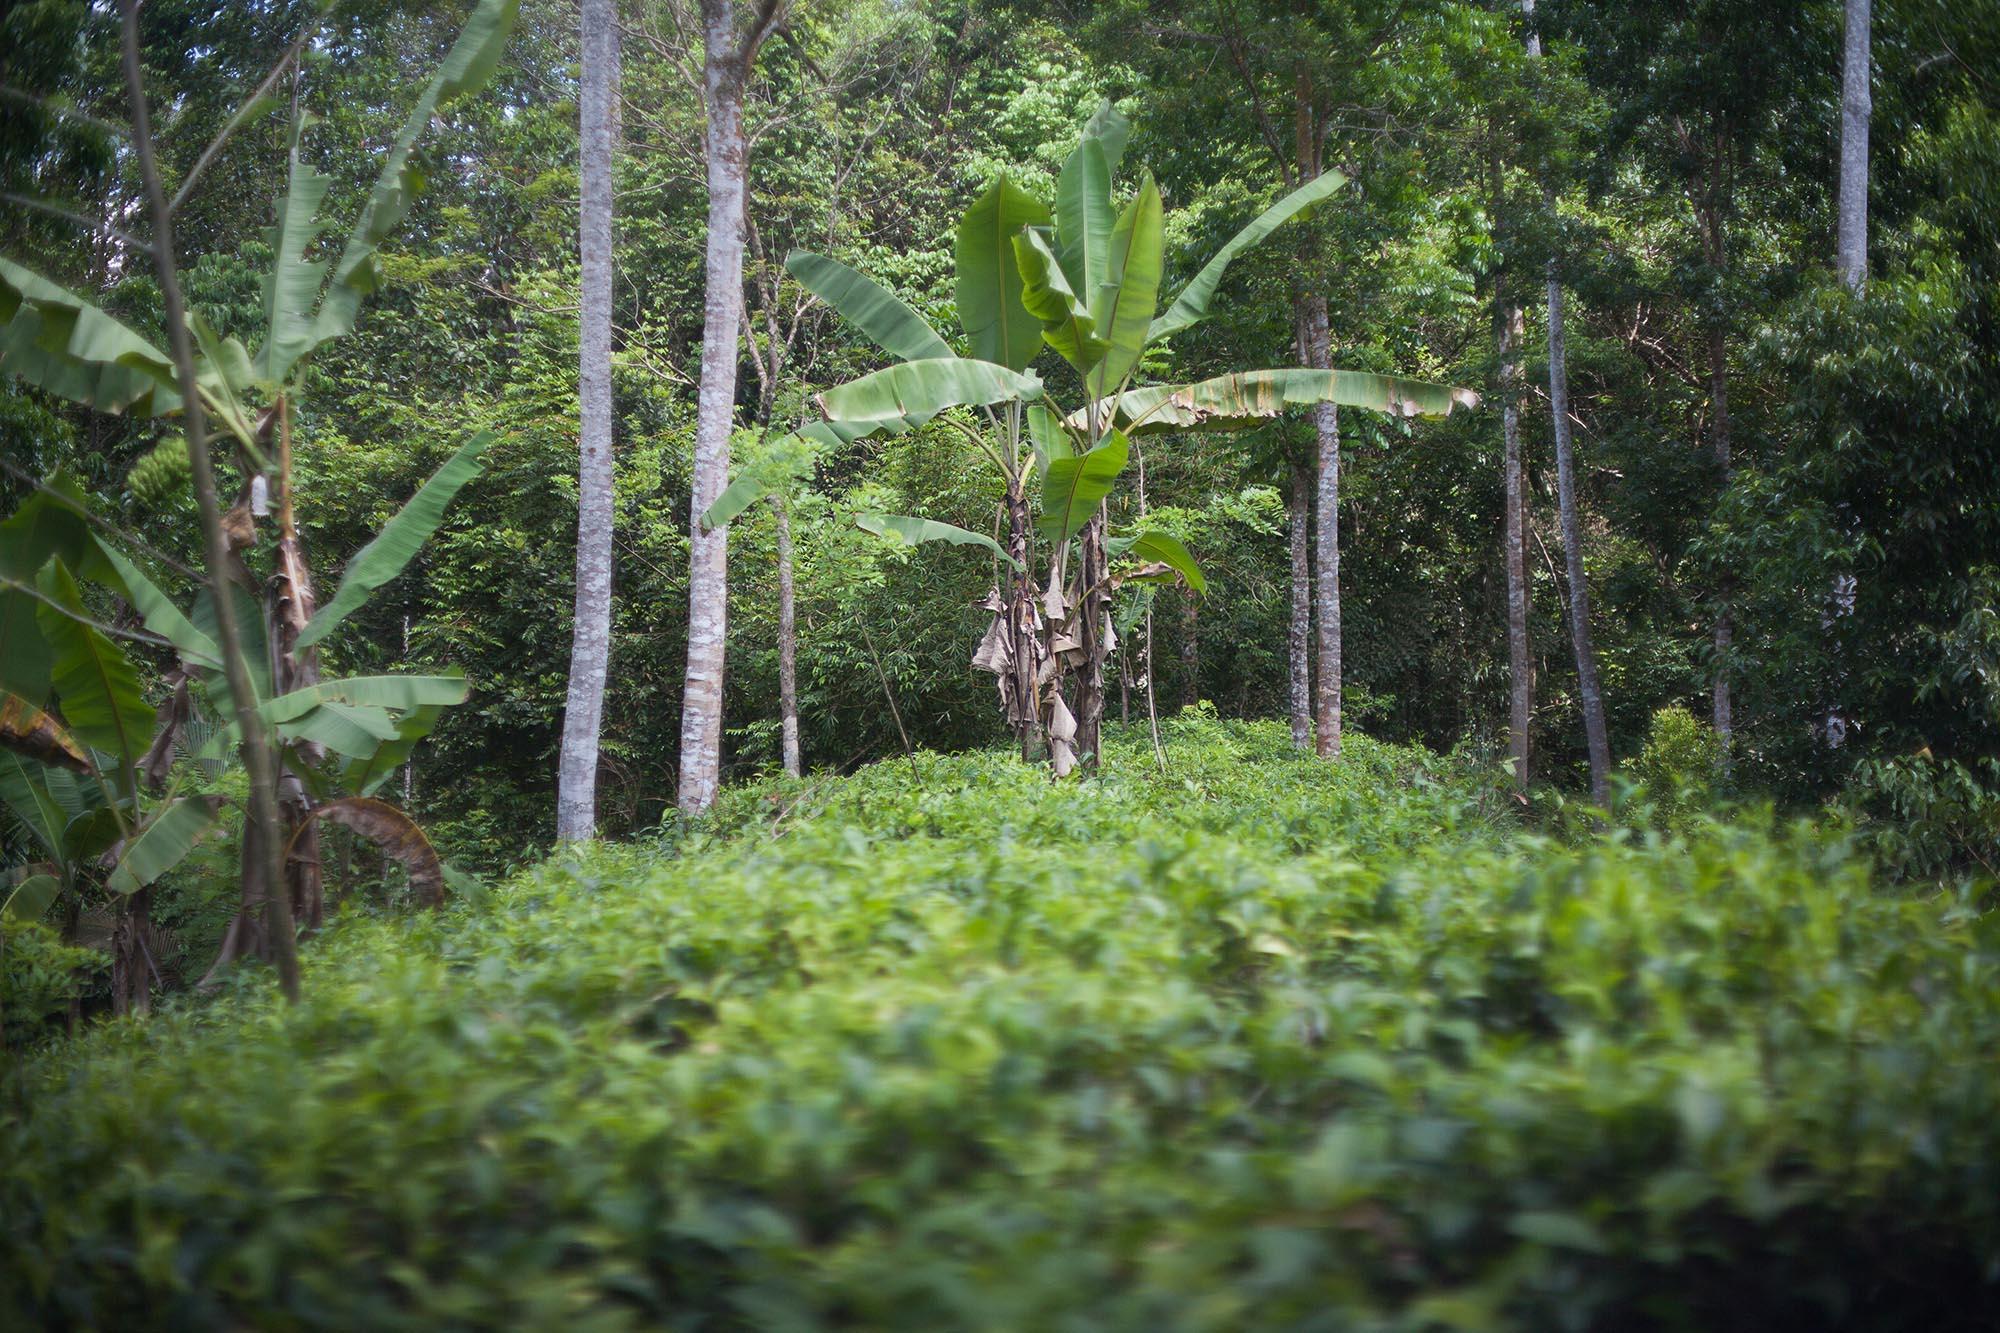 Plantacje herbaciane otacza bujna roślinność. Również bananowce!